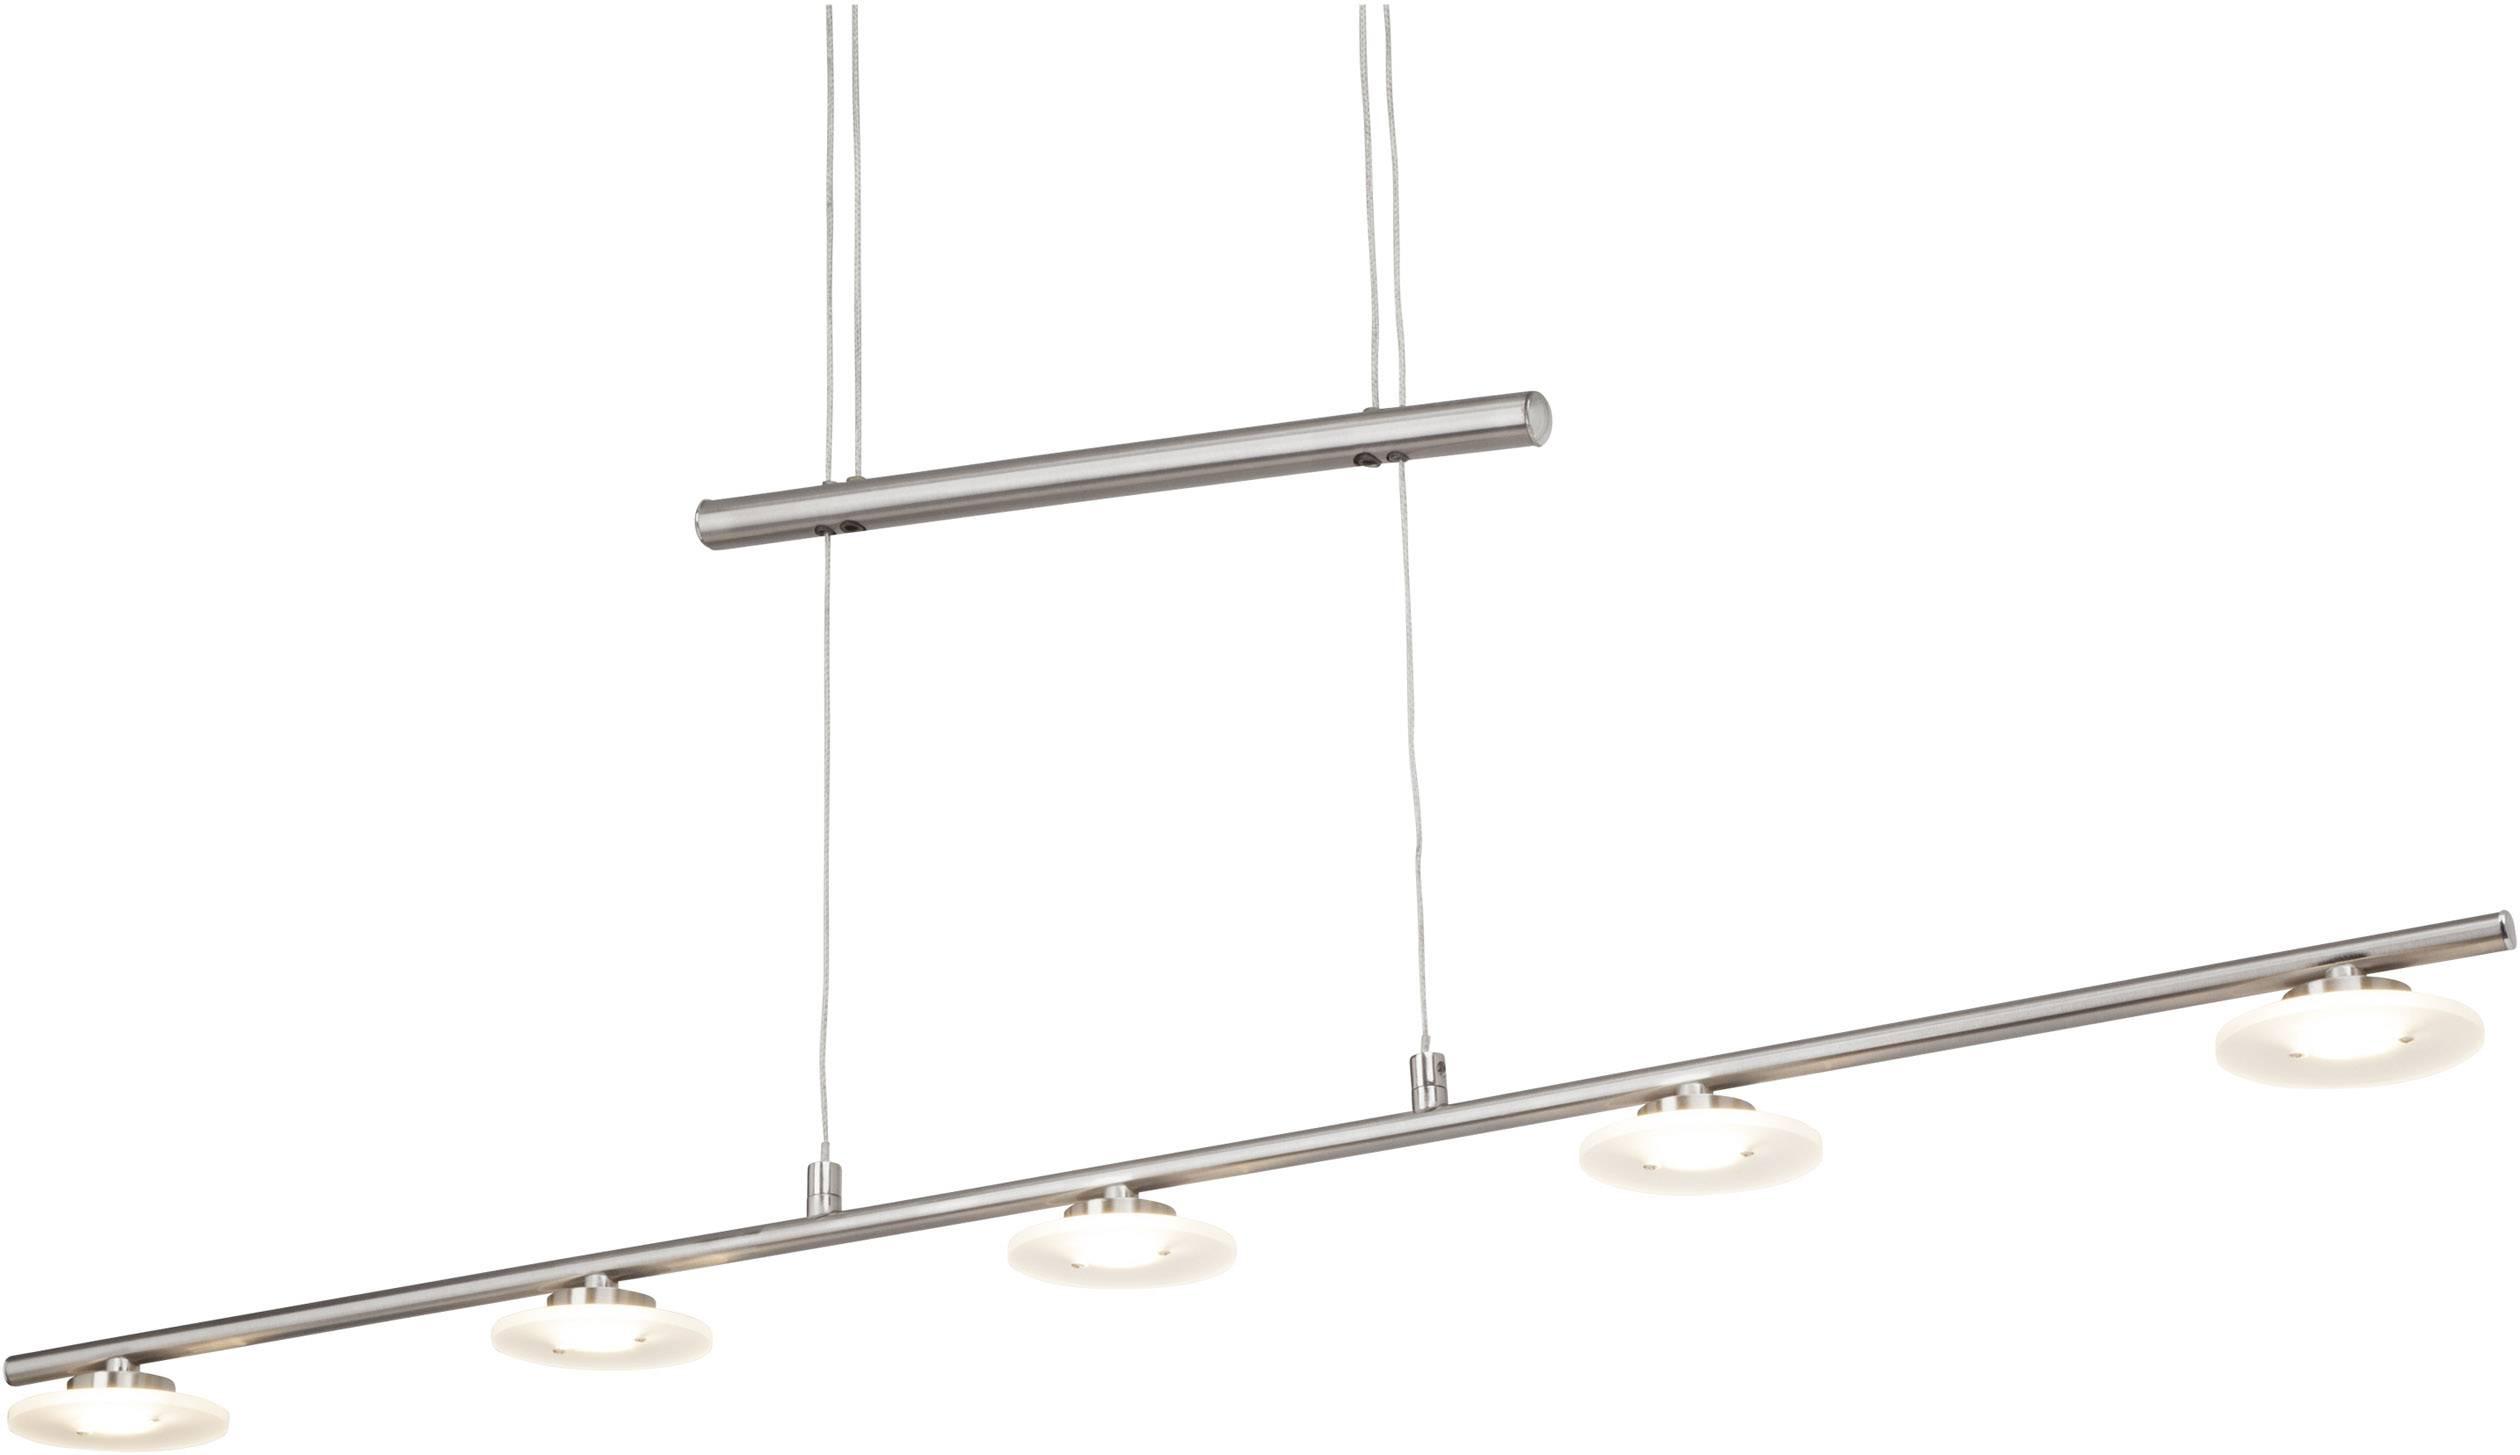 LED závěsný lustr Brilliant Narja G93455/13, 22.5 W, teplá bílá, chrom